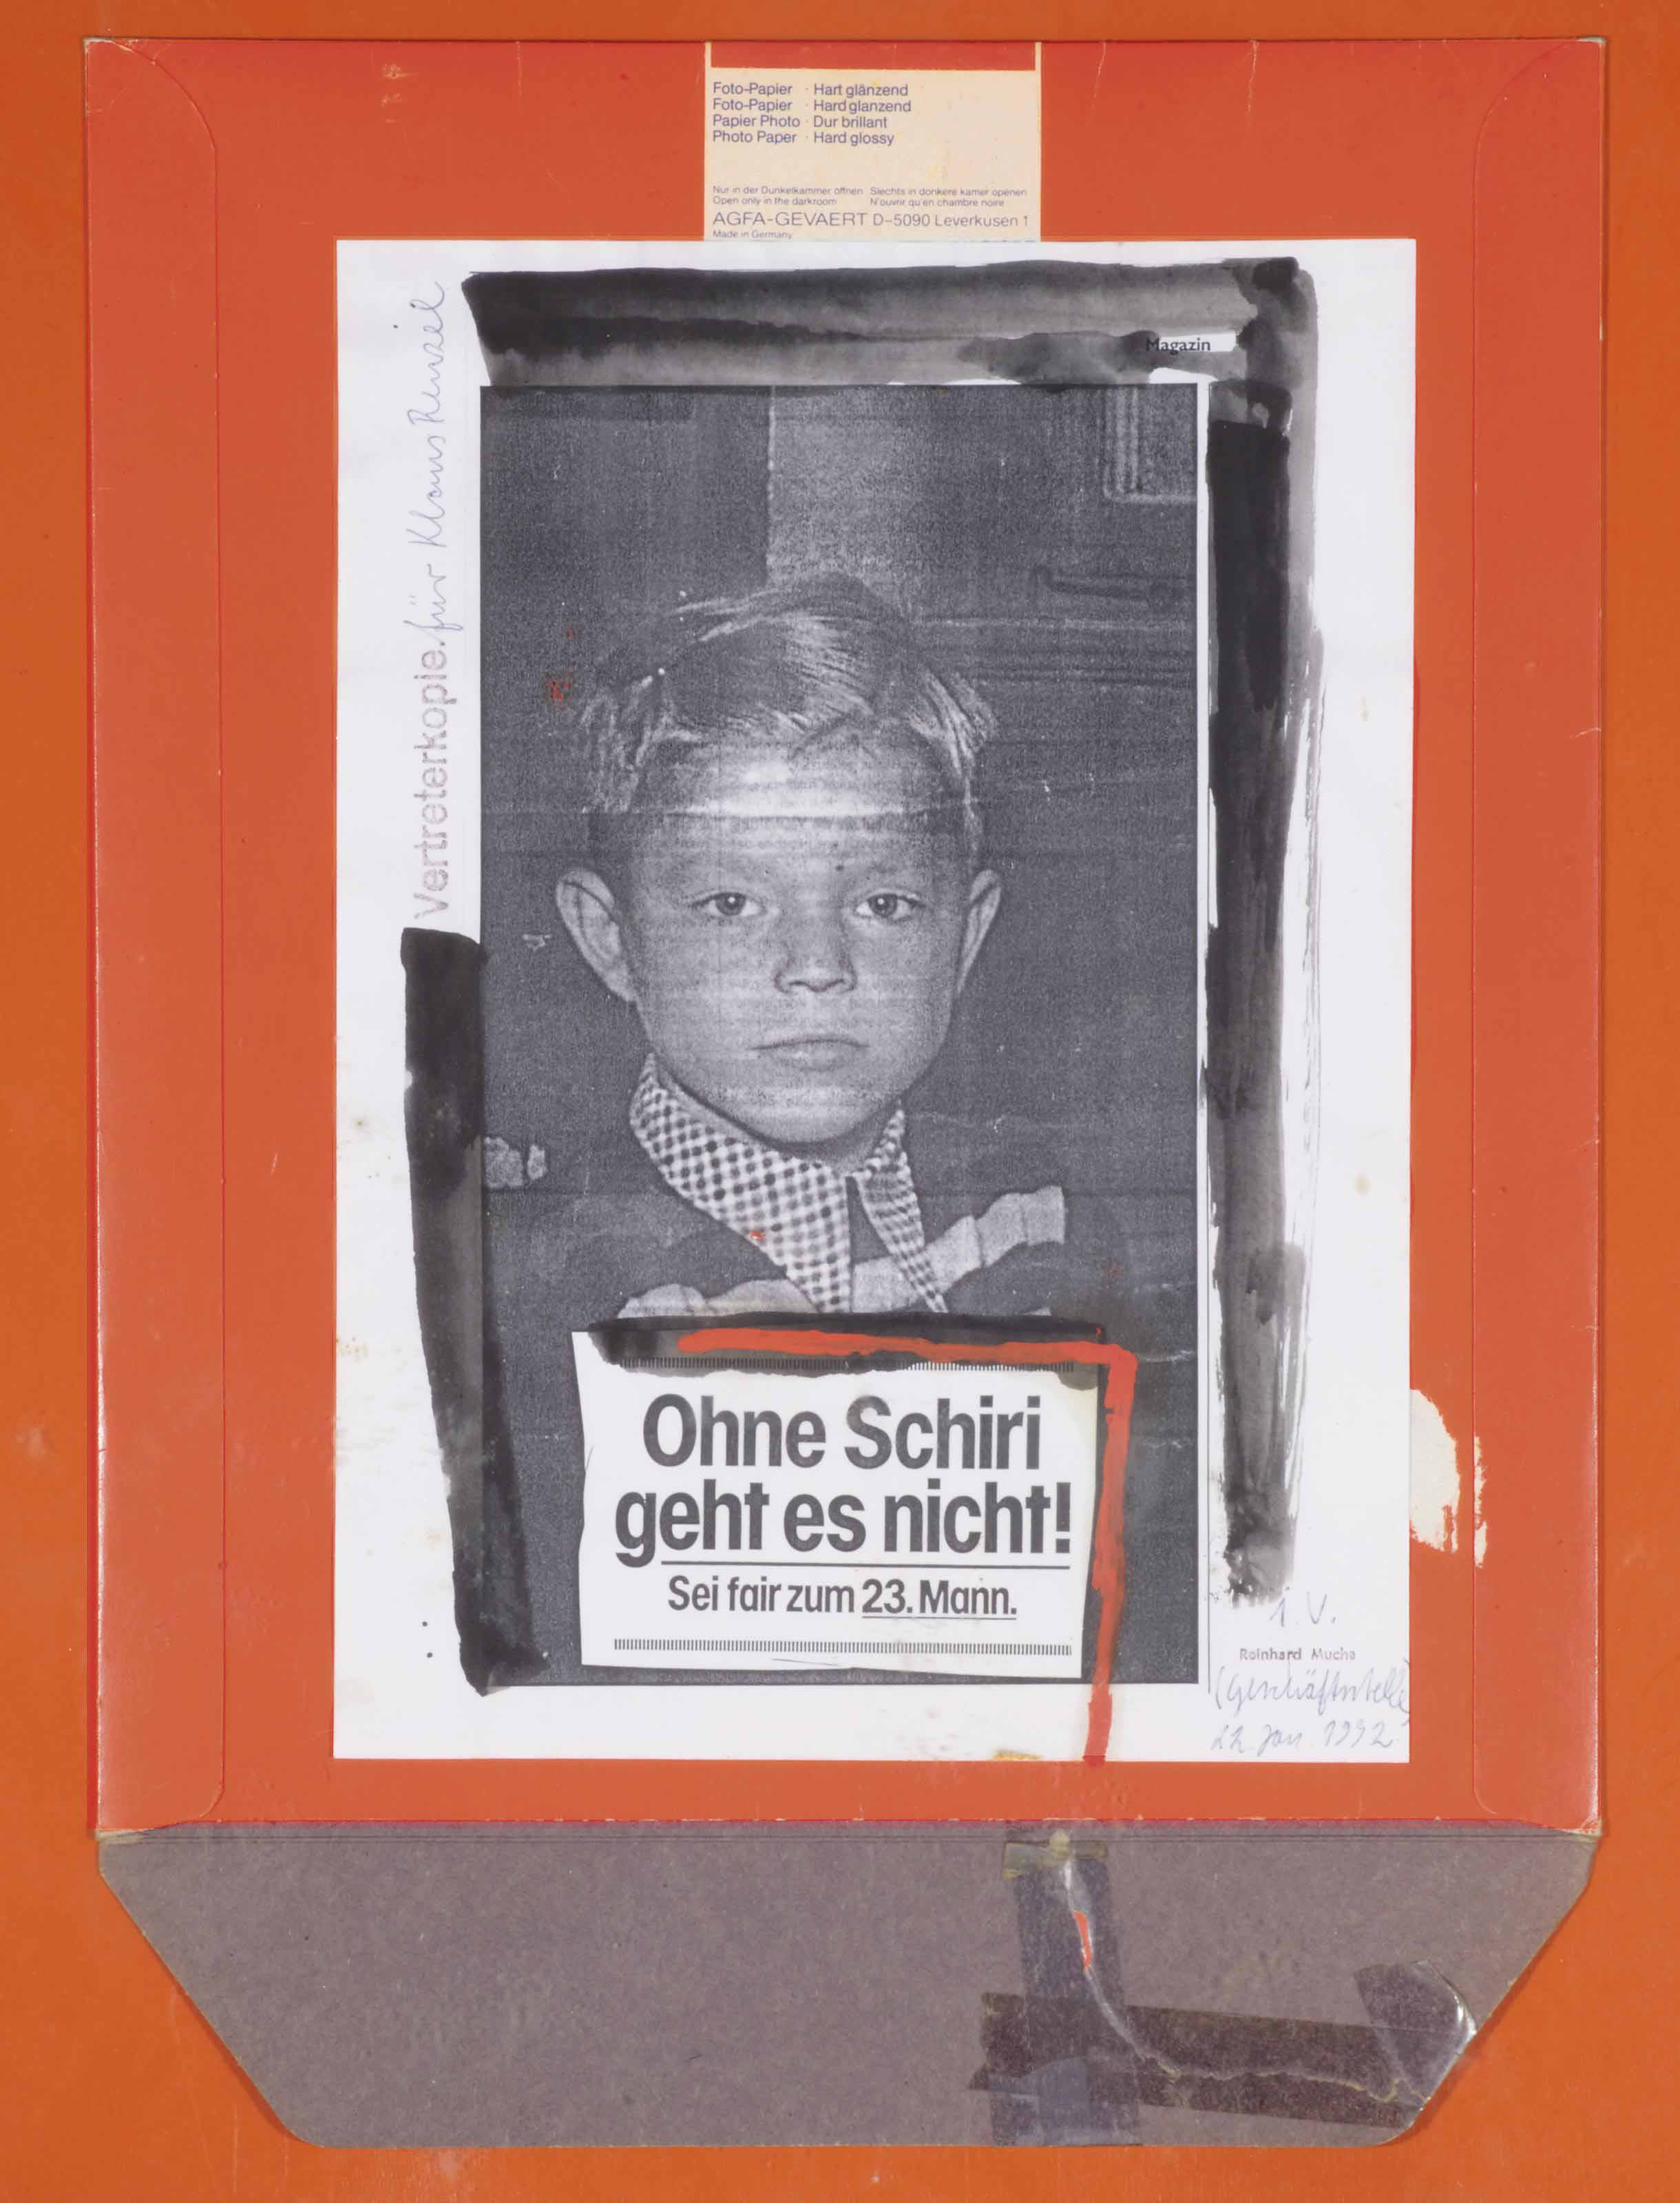 Reinhard Mucha (b. 1950)